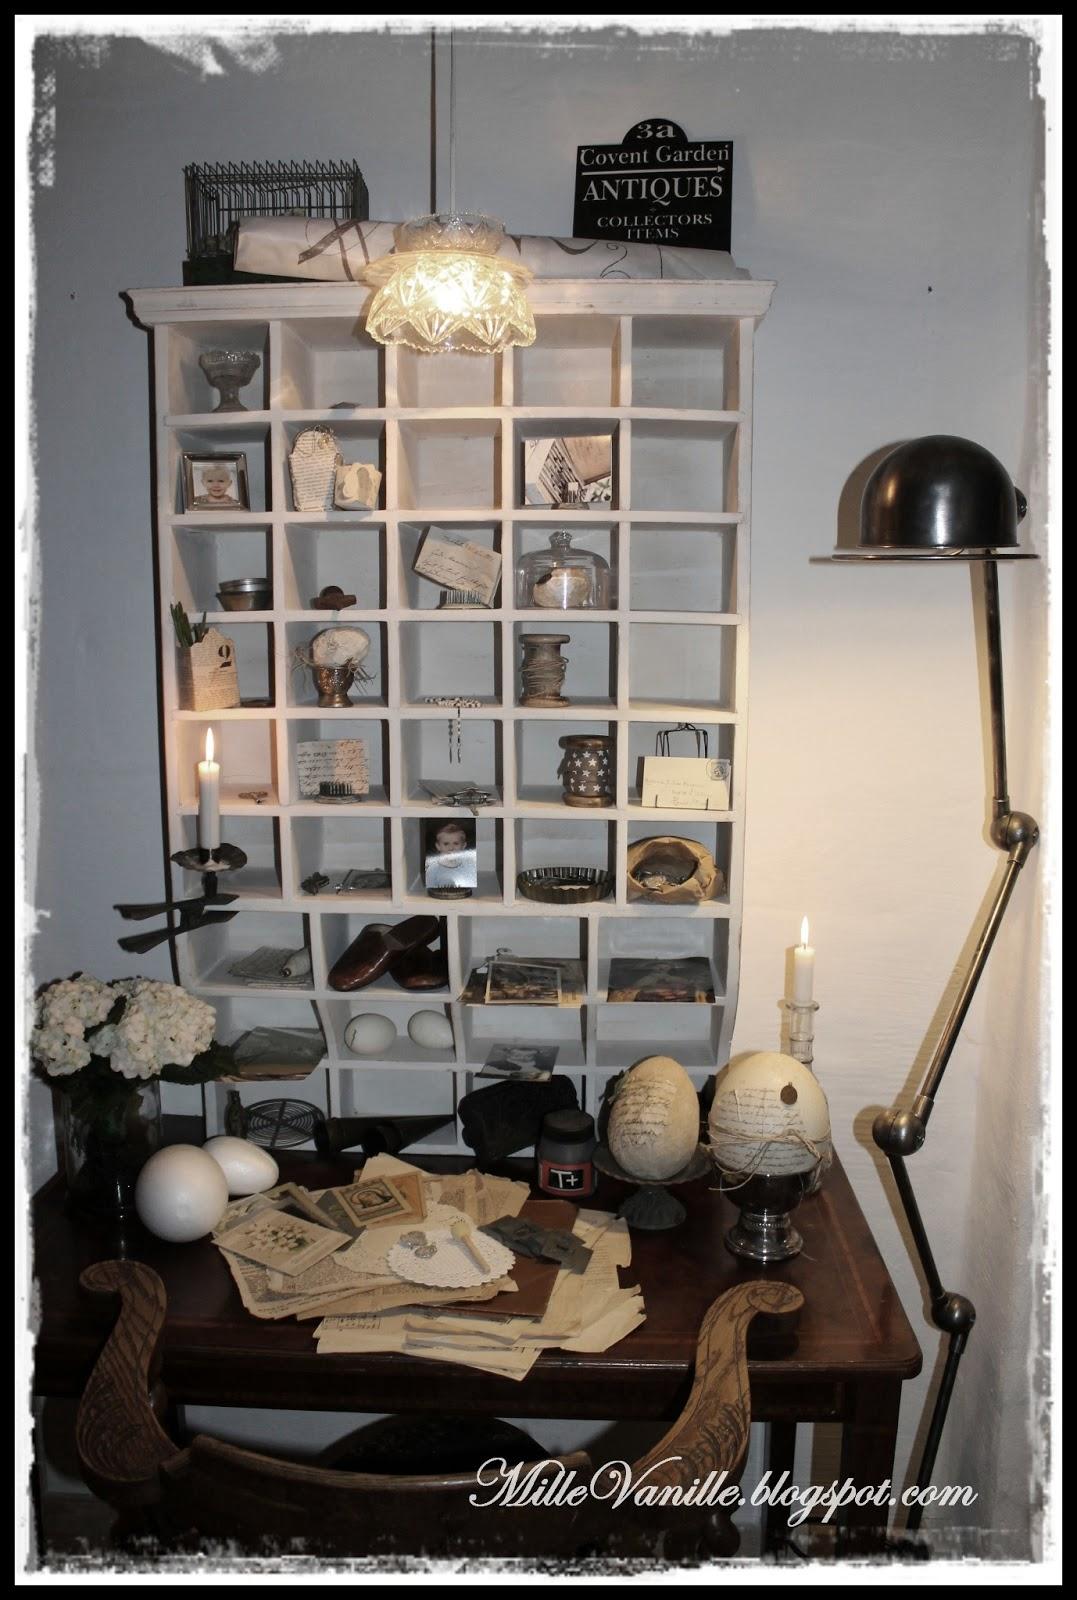 Velkommen til MilleVanille: Nyt krea kontor i stuen...